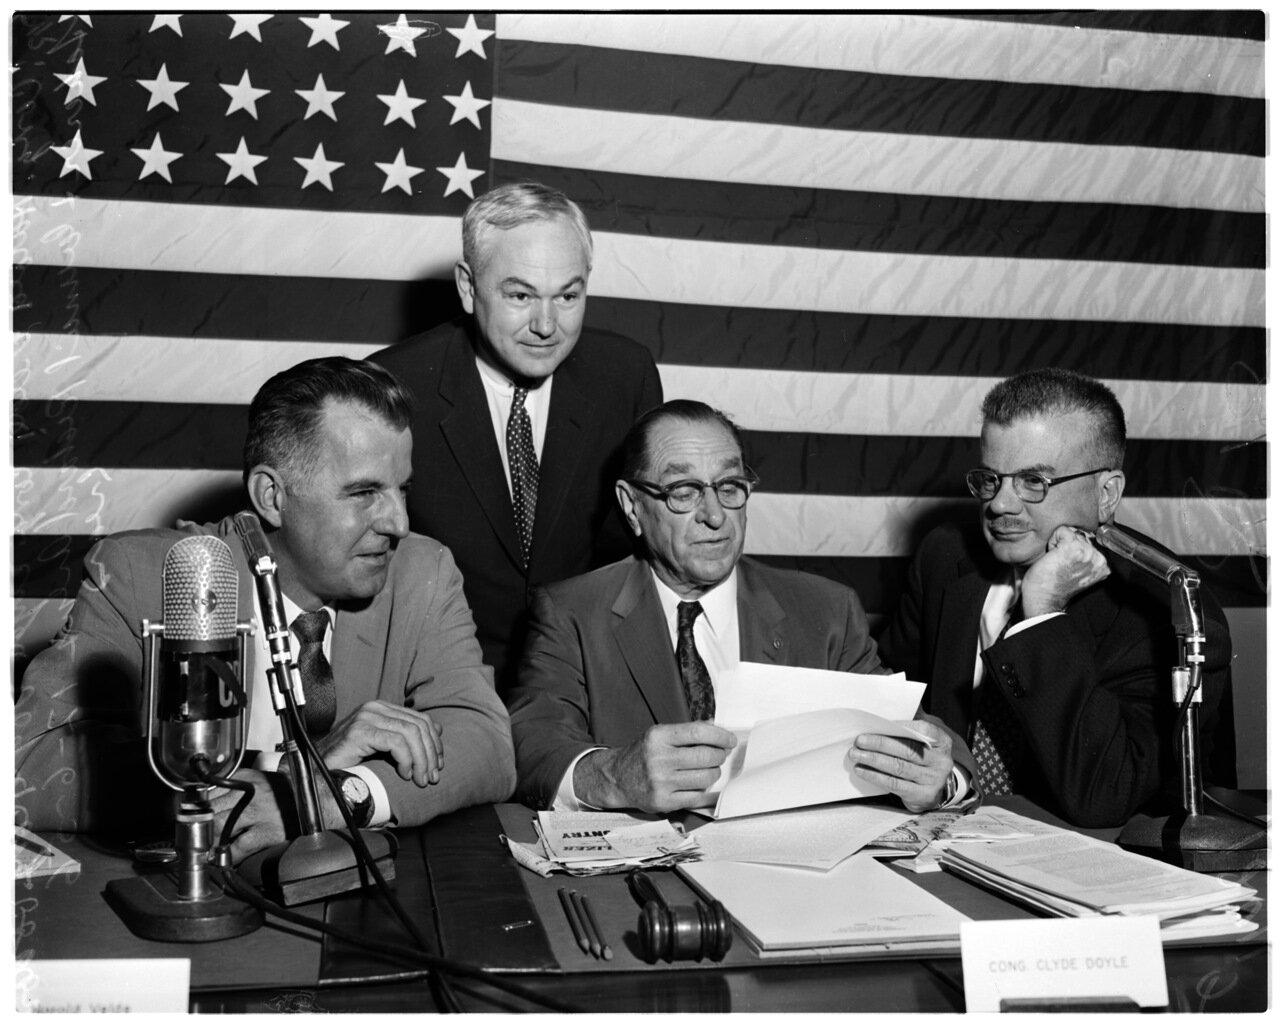 1956. 6 декабря. Комиссия по расследованию антиамериканской деятельности. Прокурор Уильям Б. Буриш, Стивен Уэреб, Харольд Вельде (конгрессмен), Ричард Аренс (советник)